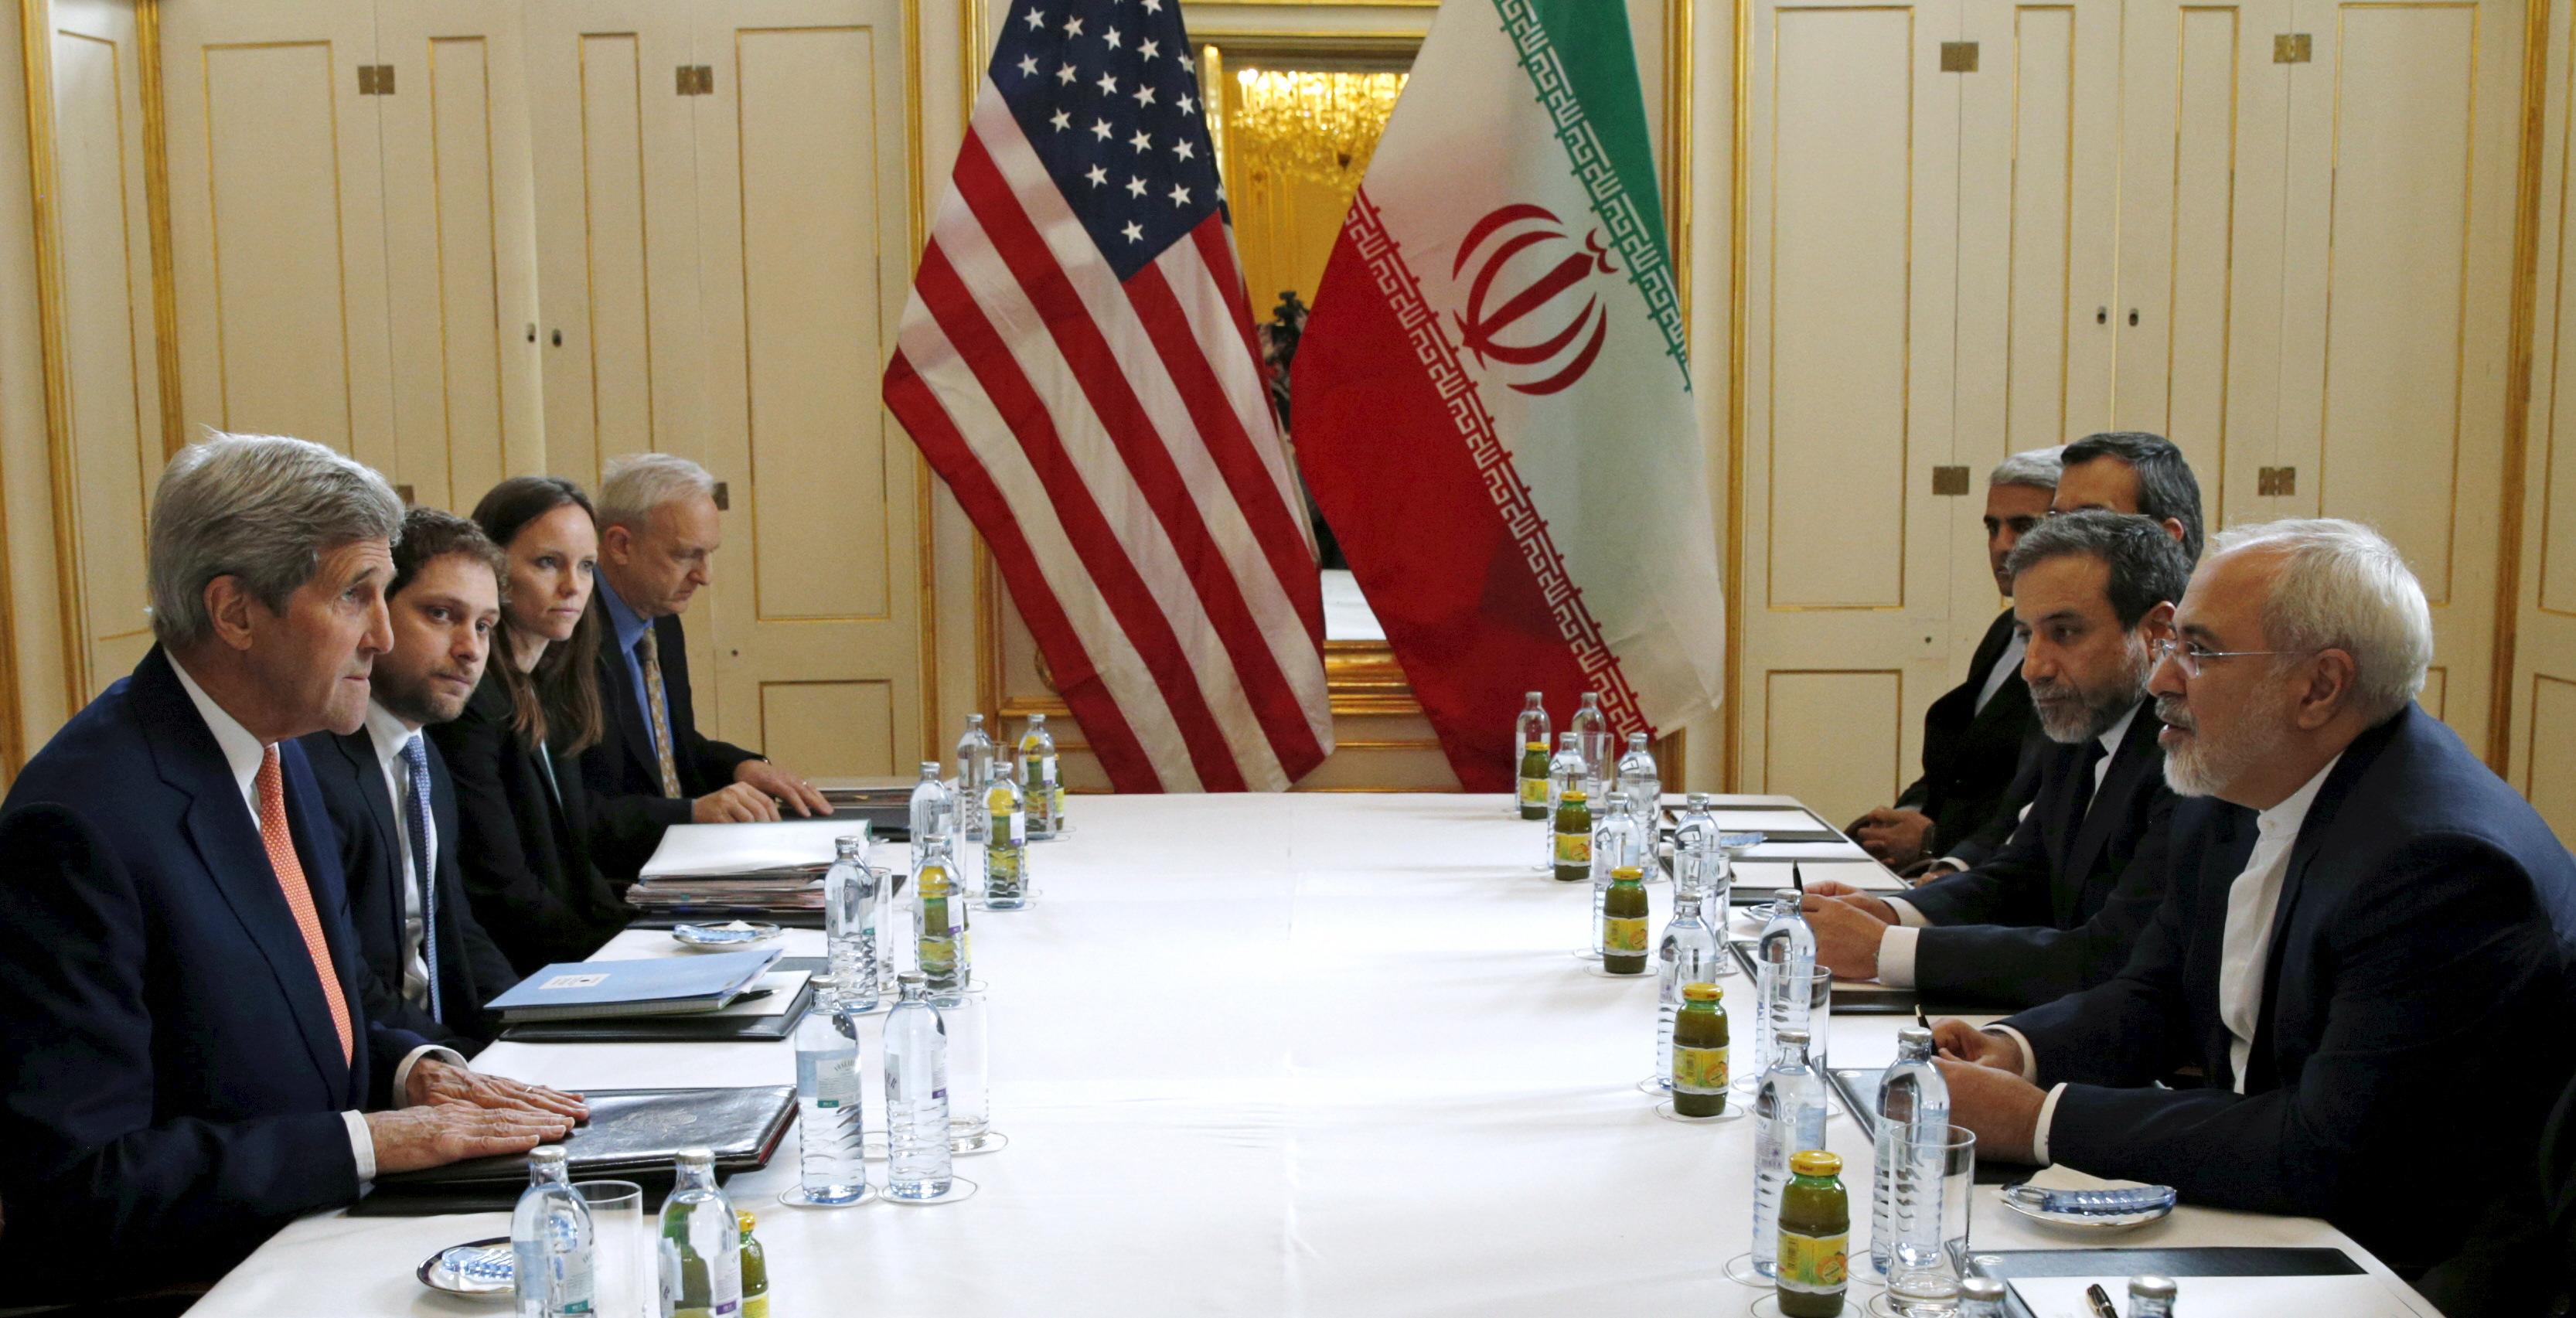 Les diplomates iraniens et américains se rencontrent pour signer l'accord sur le nucléaire.